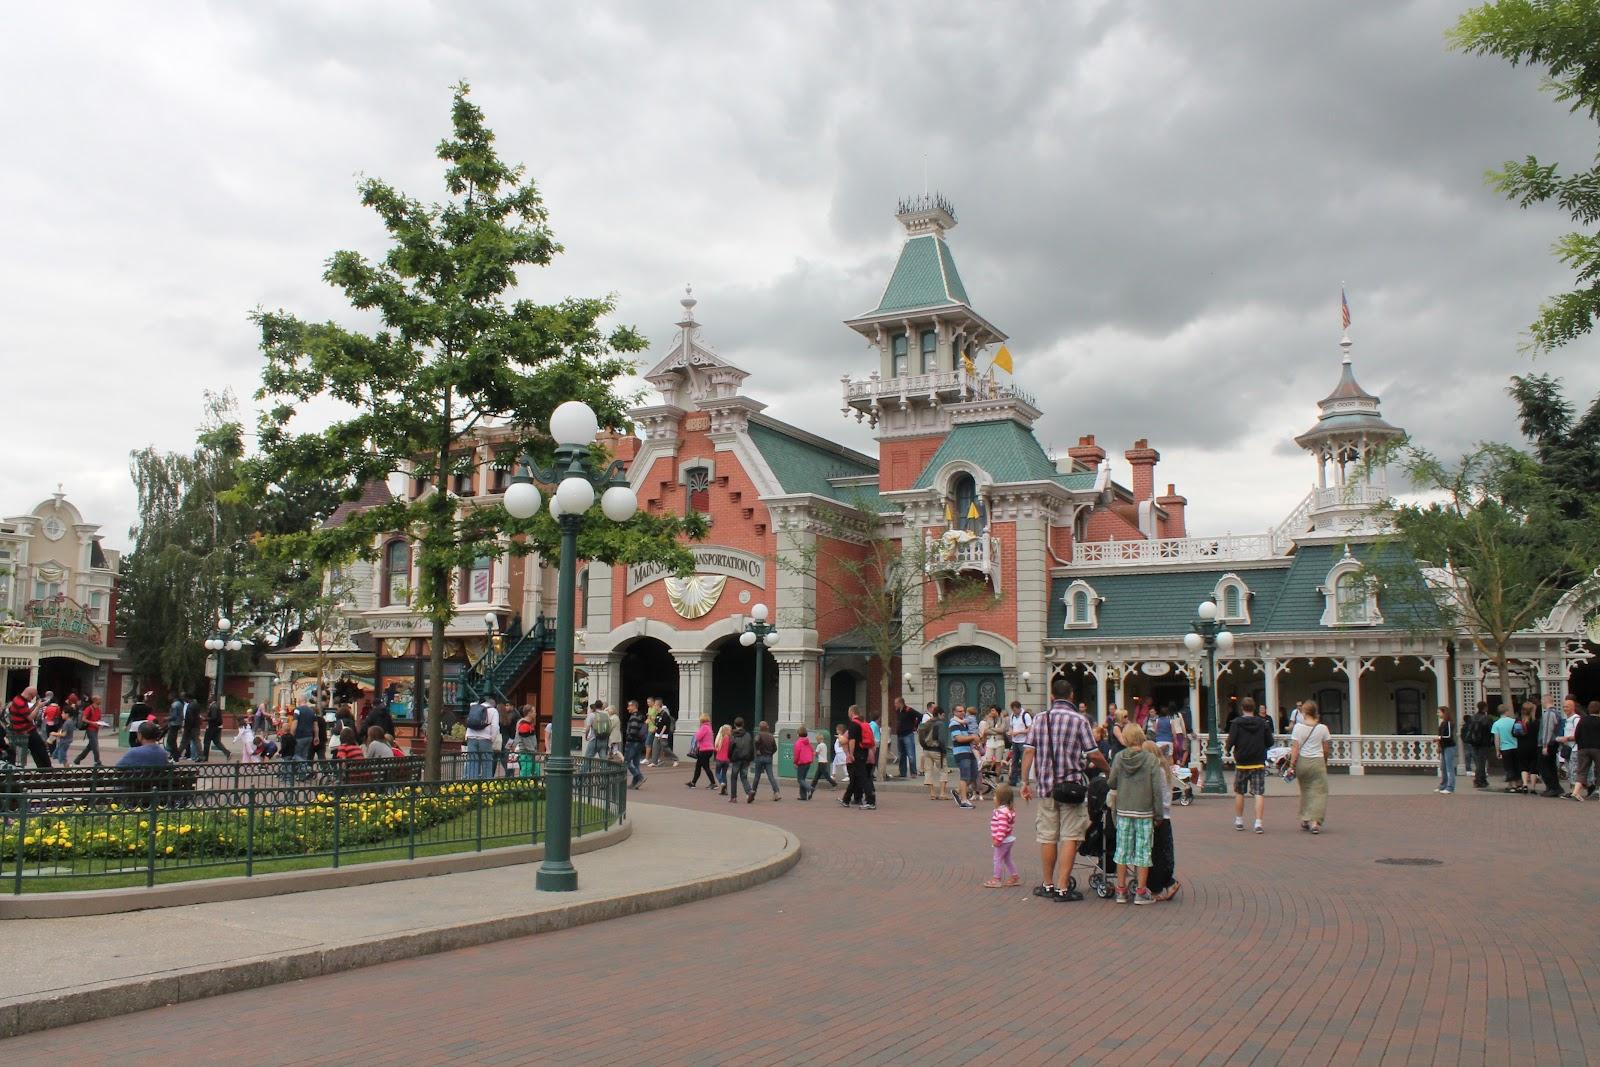 Disneyland | Anaheim Hotels